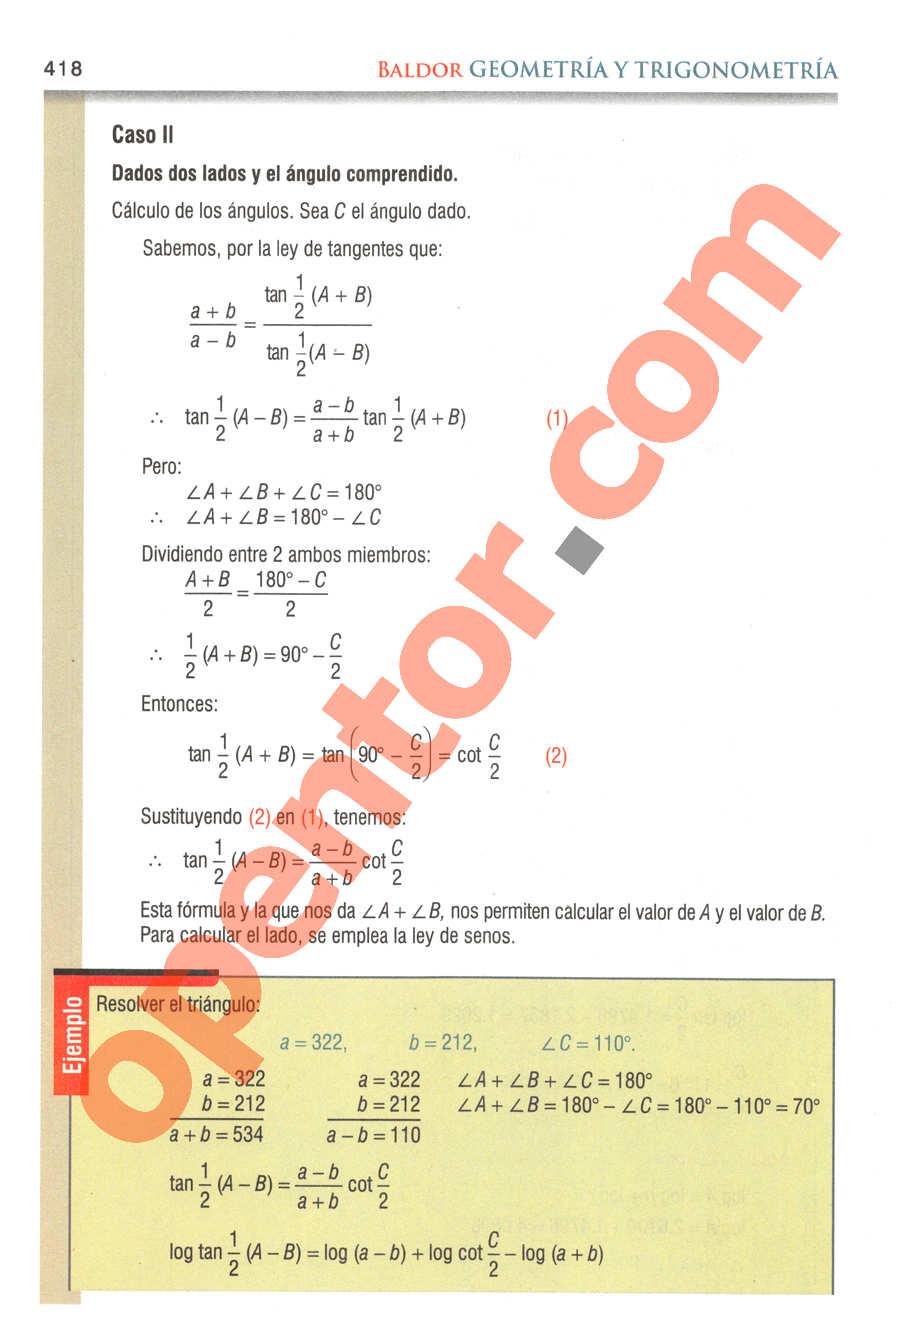 Geometría y Trigonometría de Baldor - Página 418